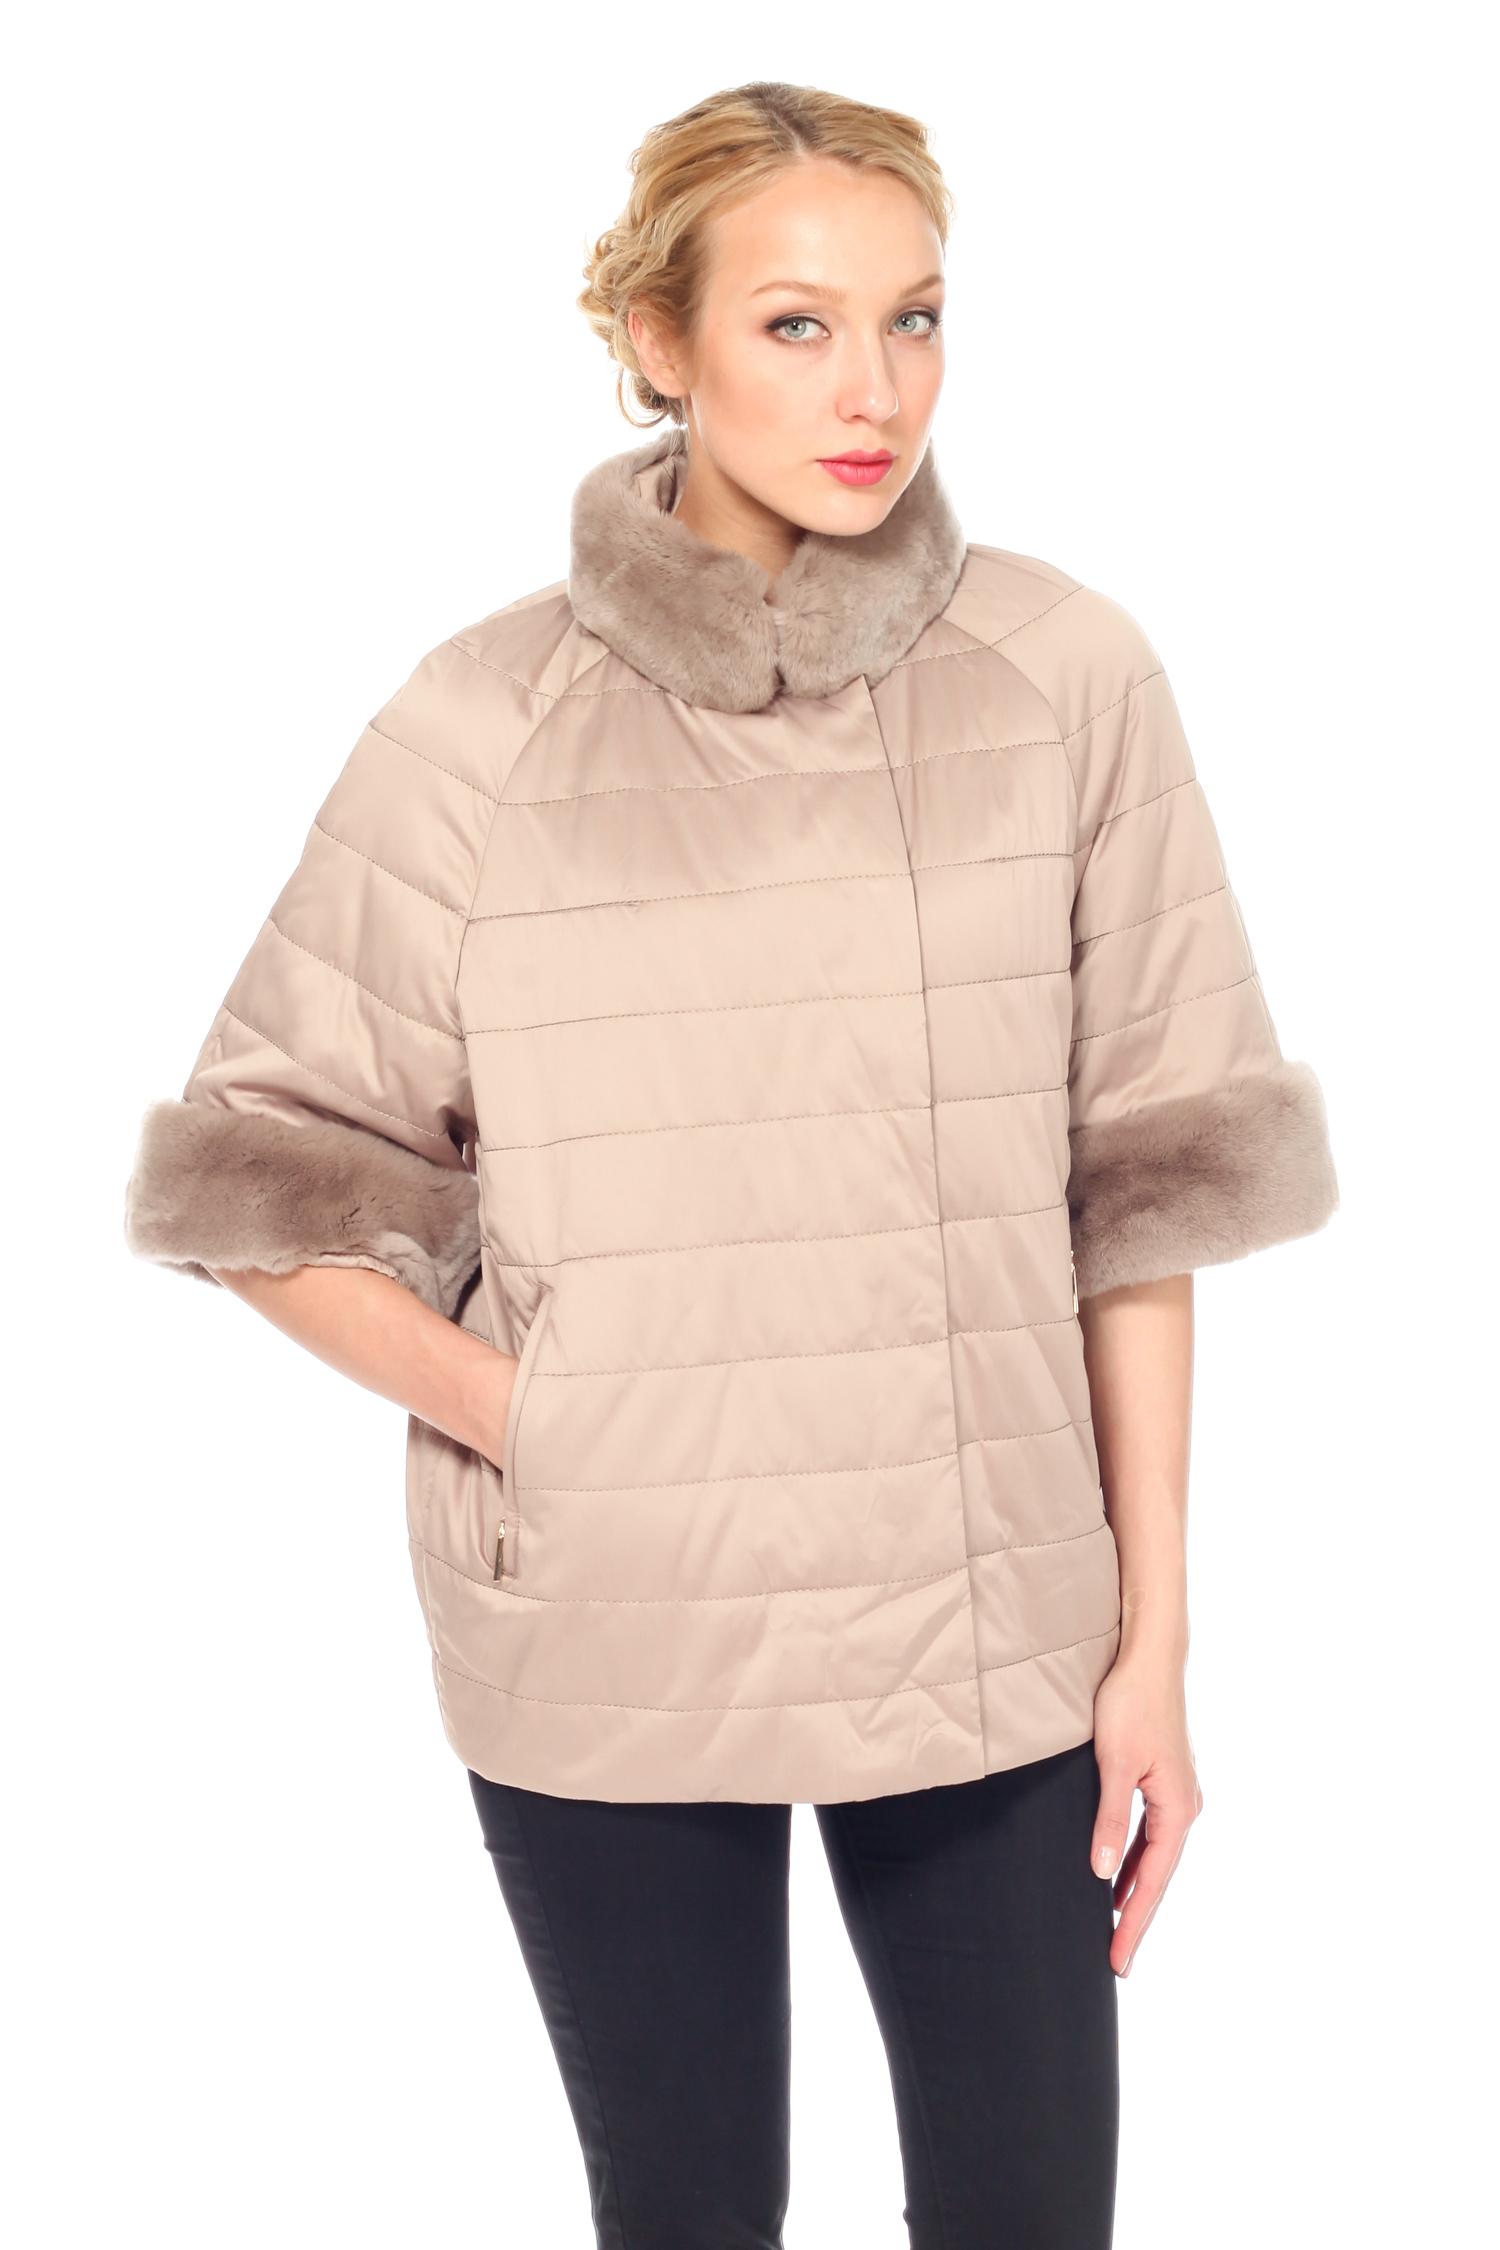 Куртка женская из текстиля с воротником, отделка кролик